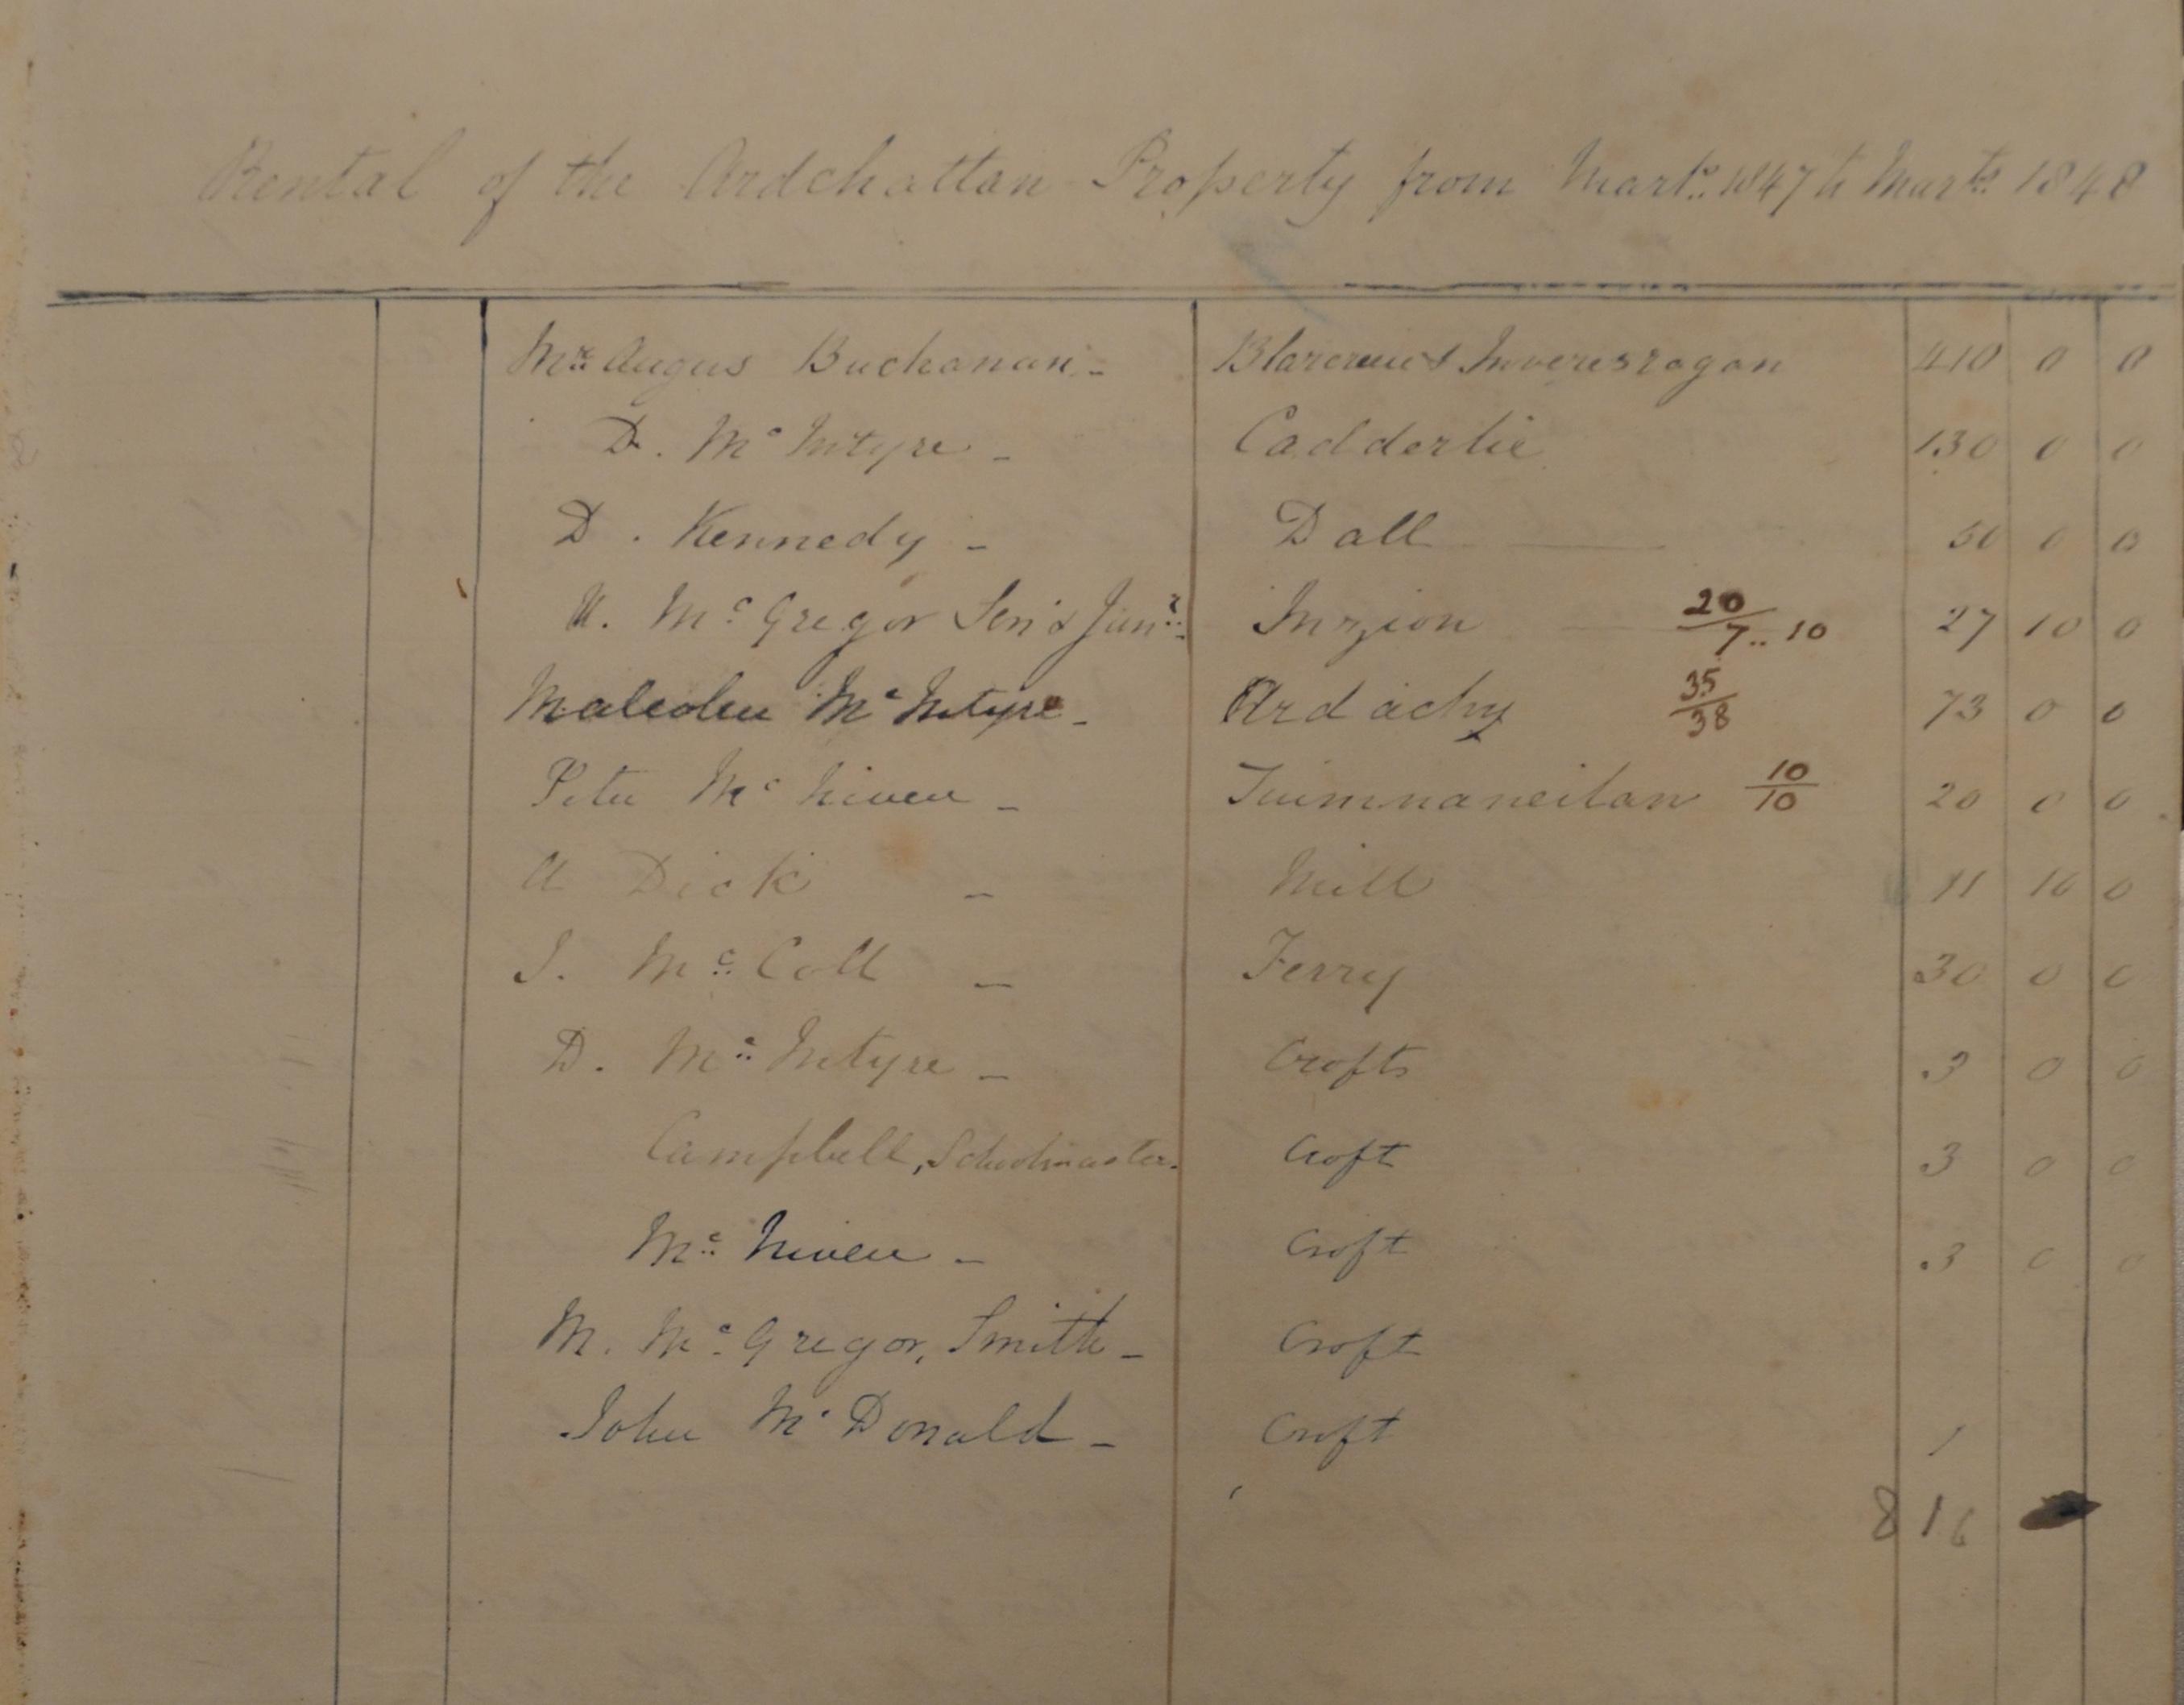 rent book 1847